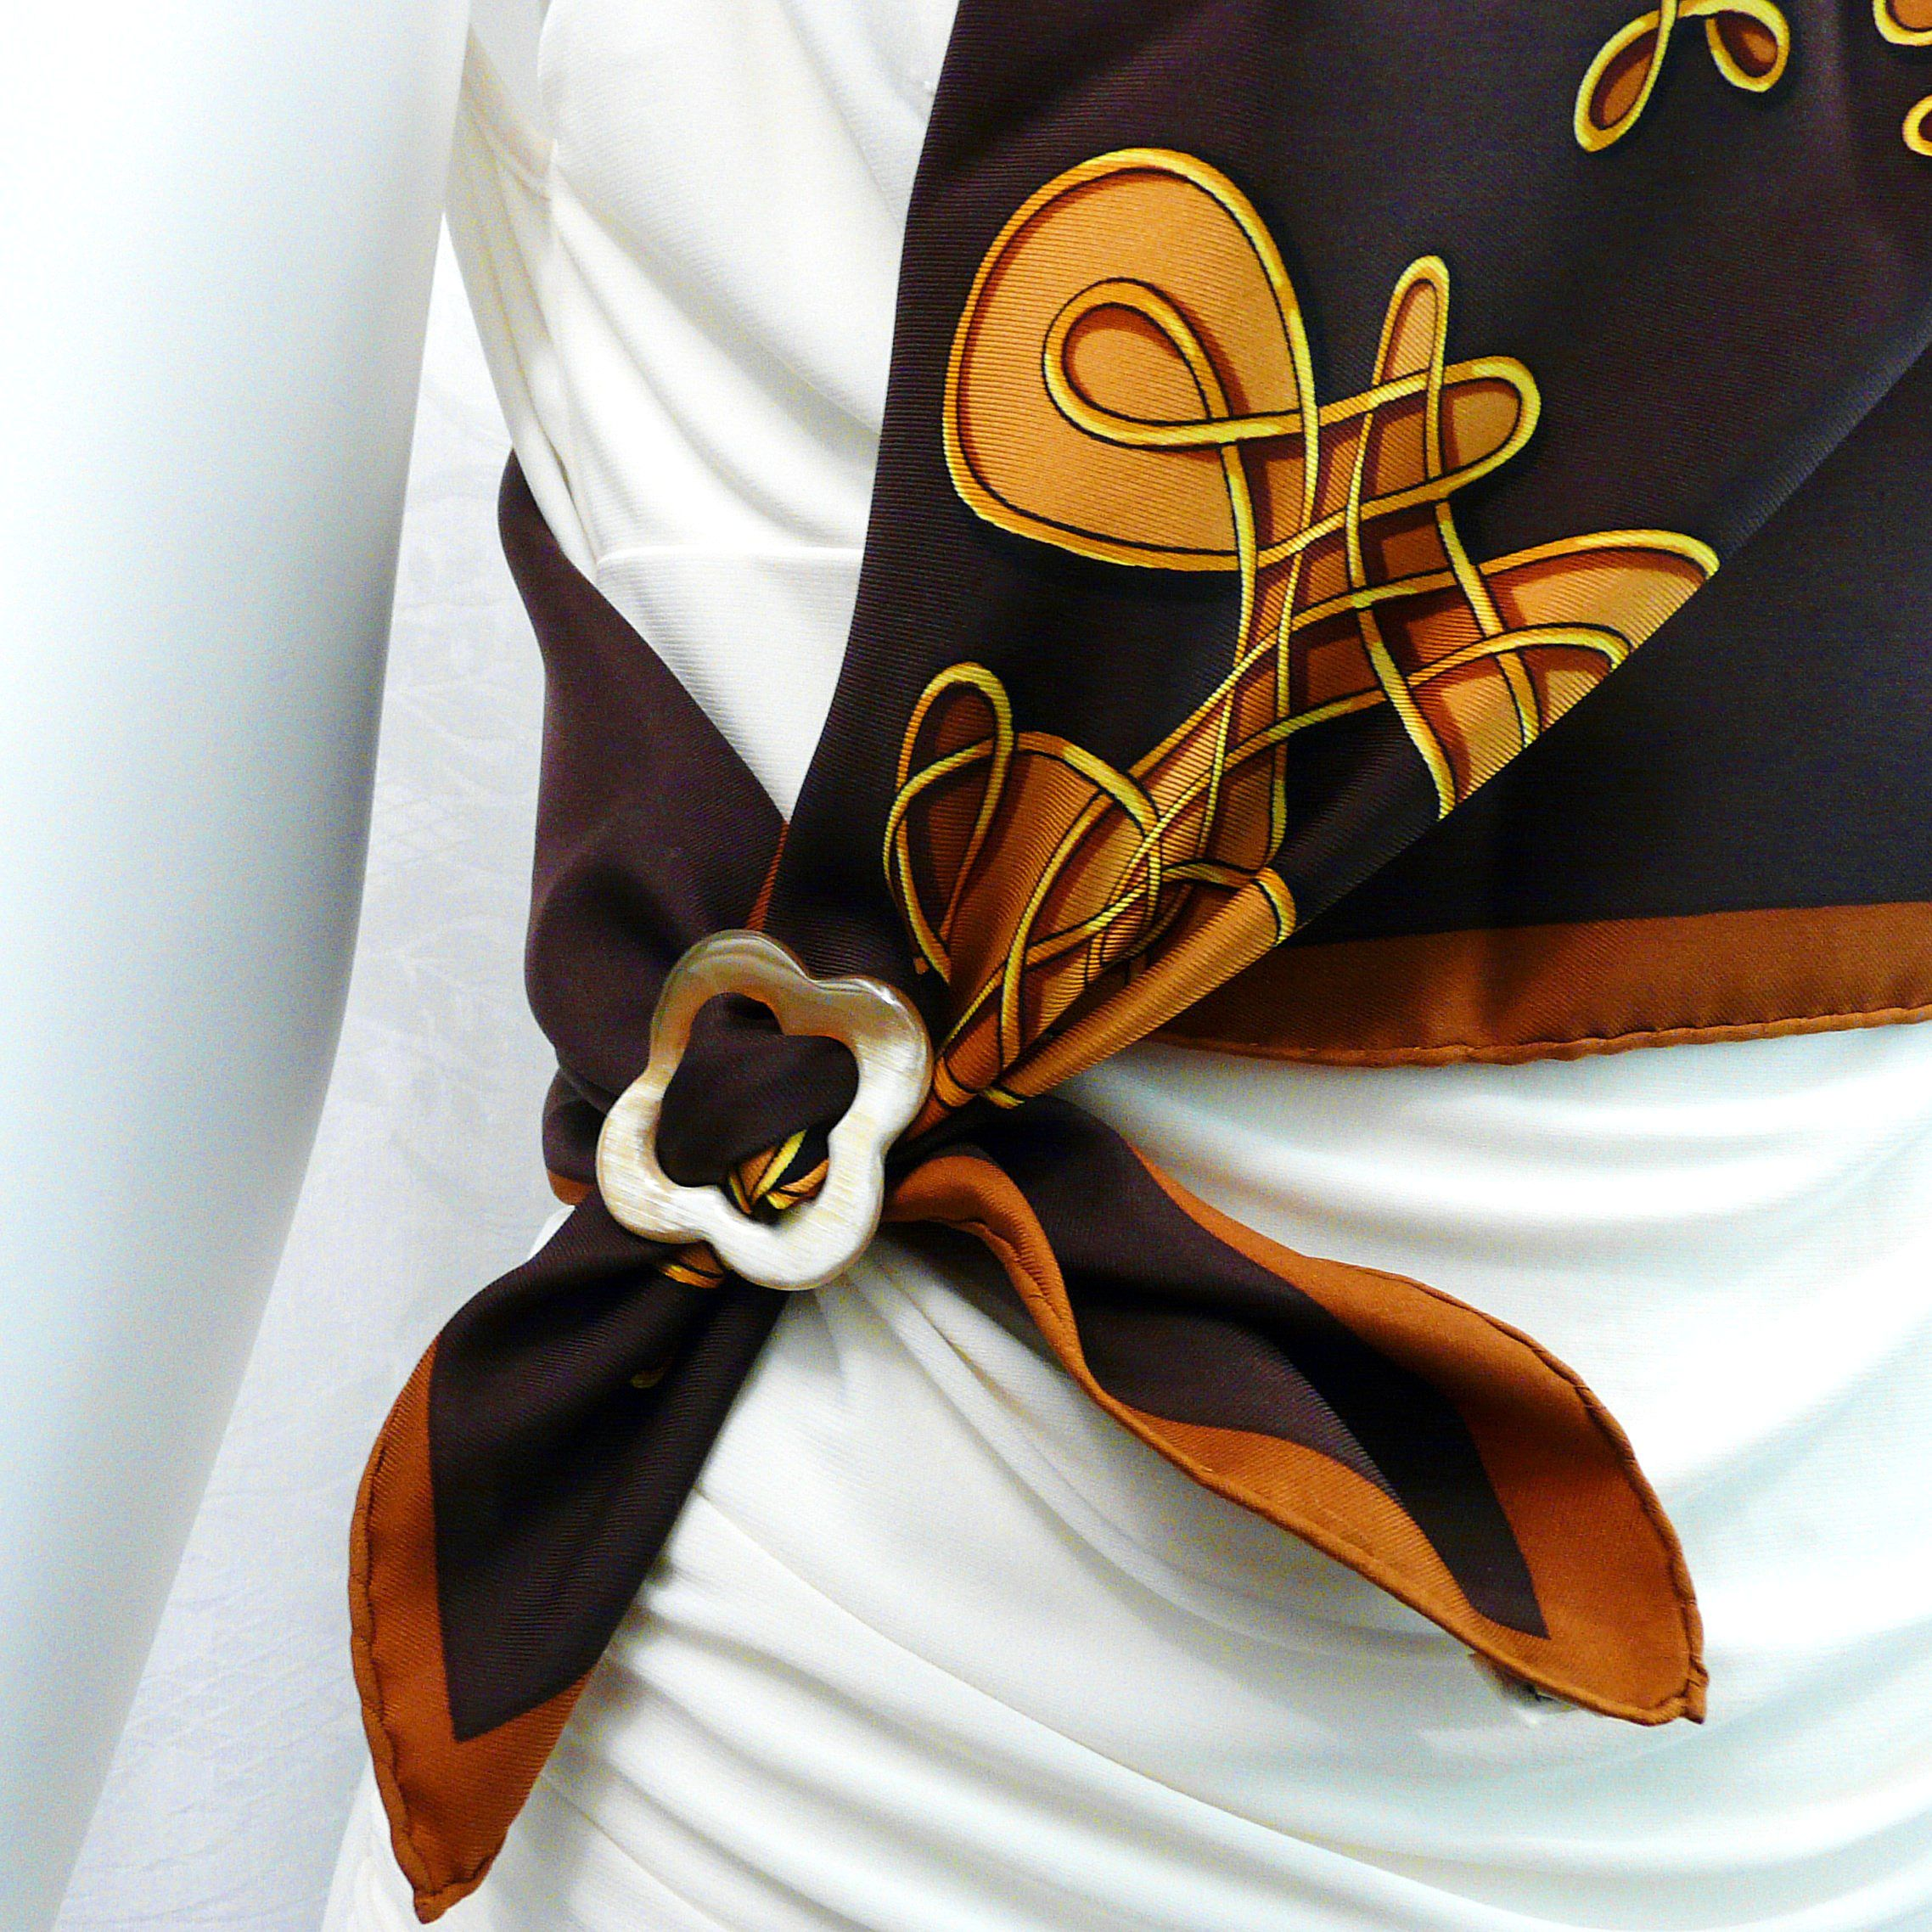 Vinci HERMES with Anneau de Luxe Horn Scarf Ring Carre de Paris Close Up